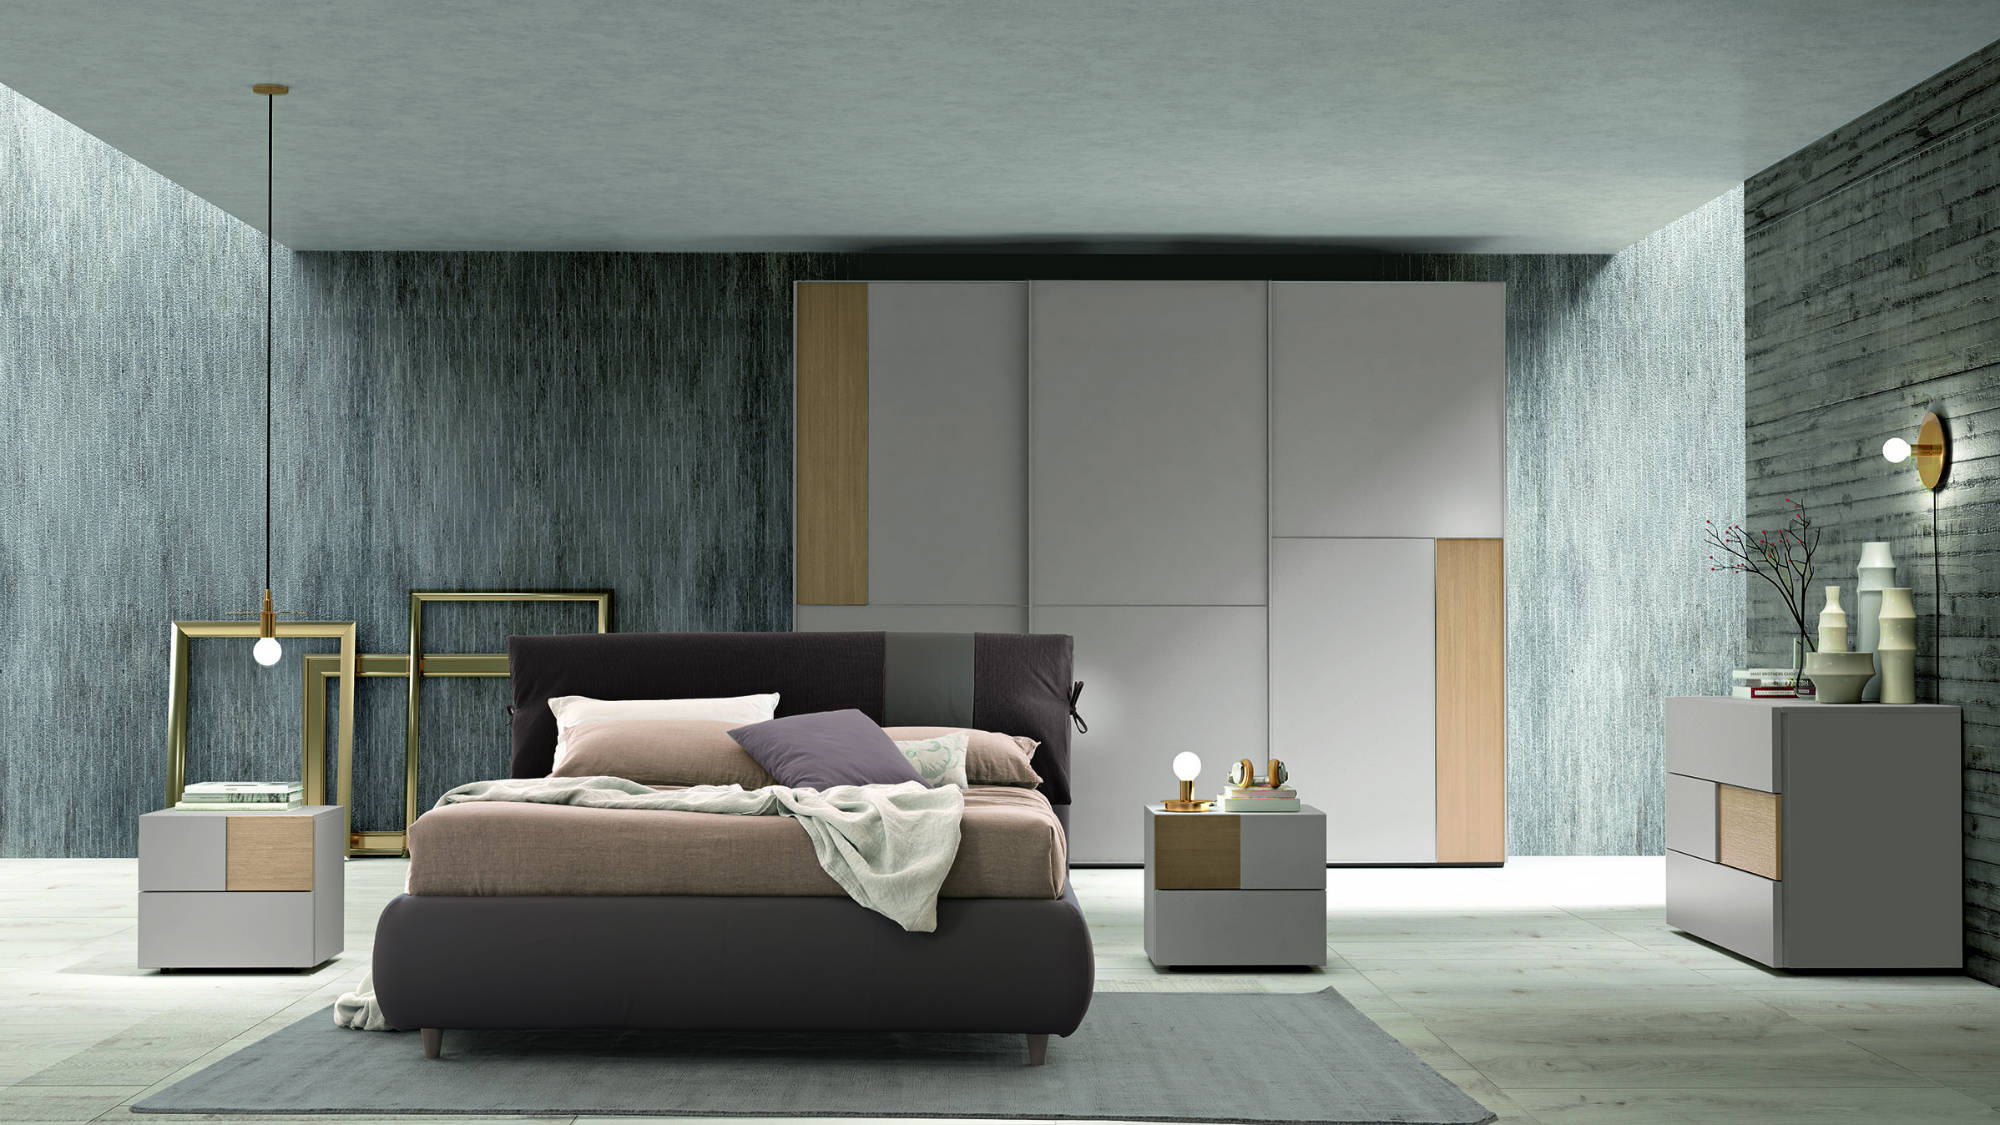 Camere da letto quarrata arredamenti michelozzi - Camere da letto matrimoniali complete ...